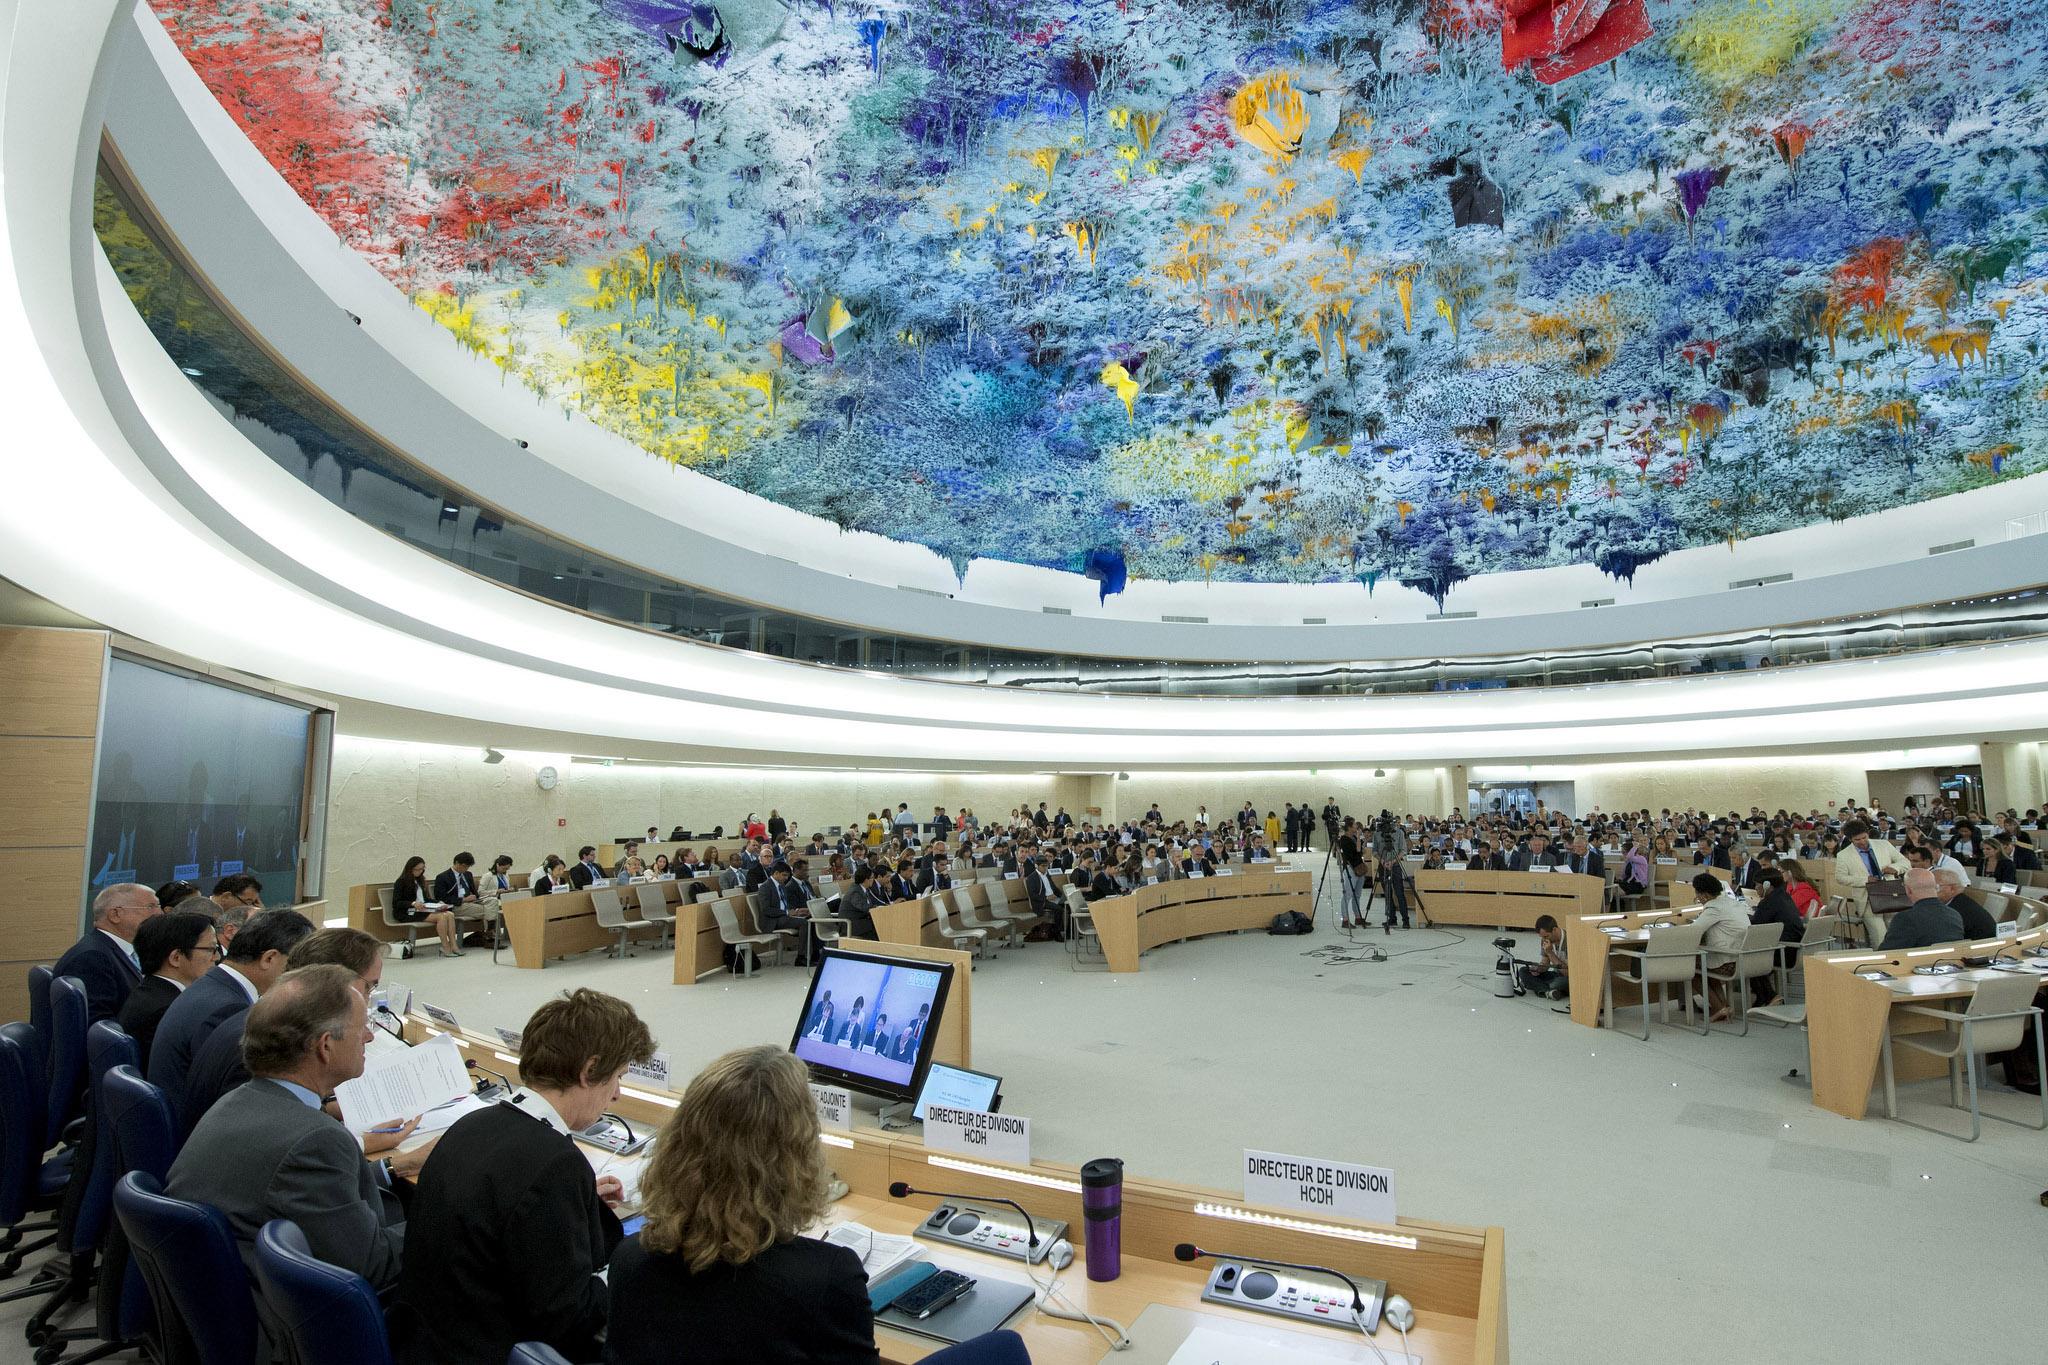 Governo Temer muda chefia da Funai após críticas à Rio 2016. Demissão repercute na ONU